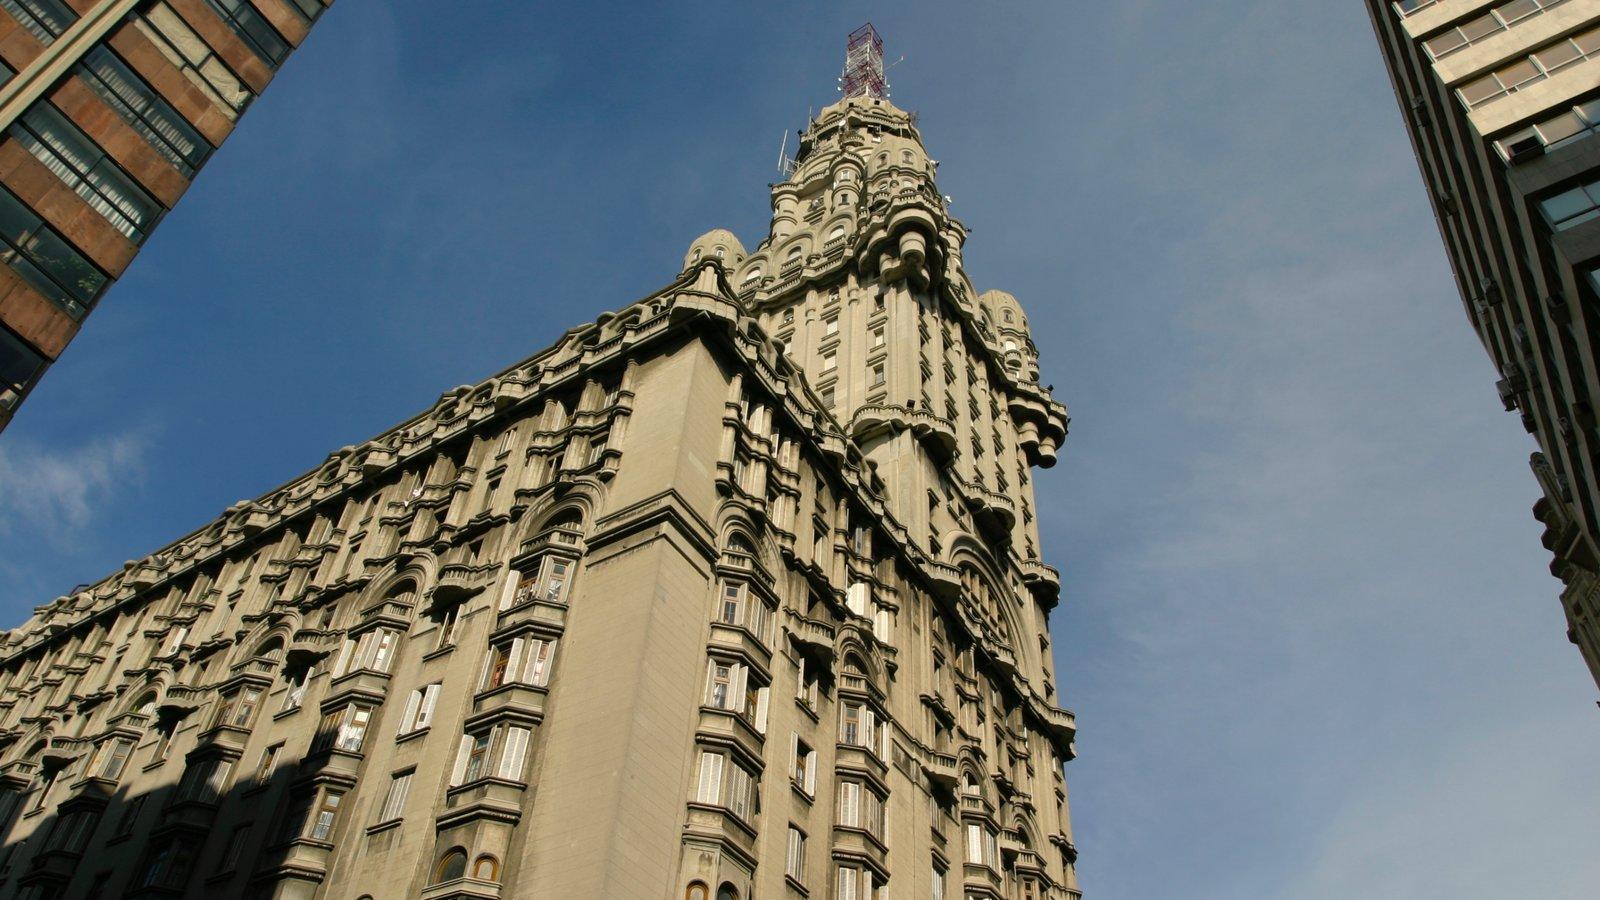 Montevidéu mostrando arquitetura de patrimônio e um arranha-céu